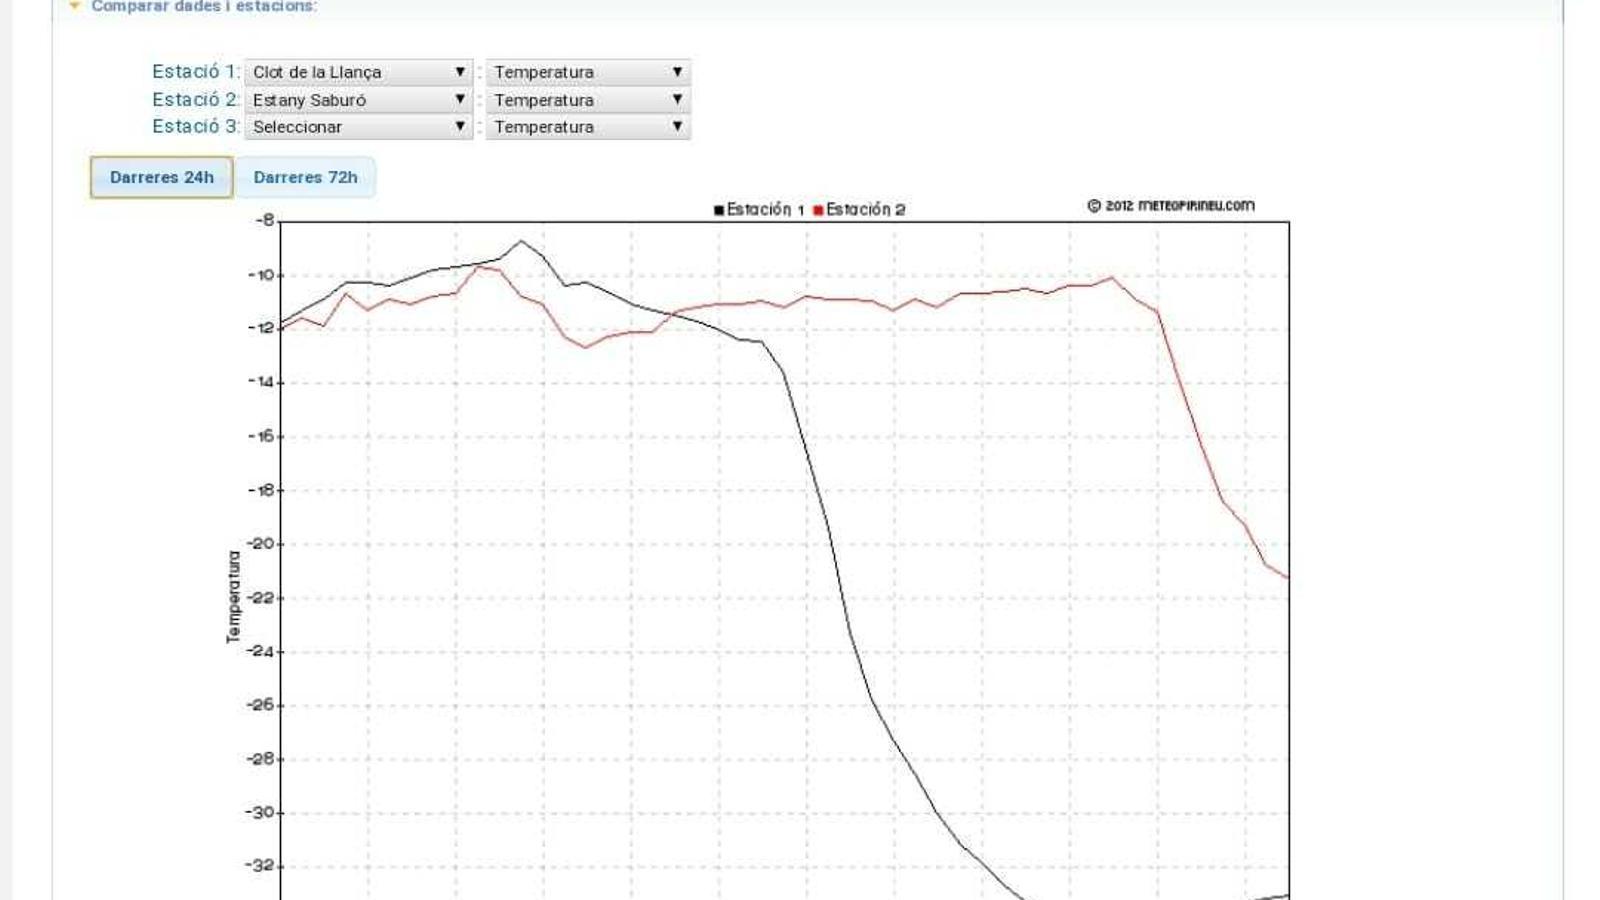 Evolució de la temperatura al Clot del Tuc de la Llança (en negre) i a l'Estany Saburó (en vermell)